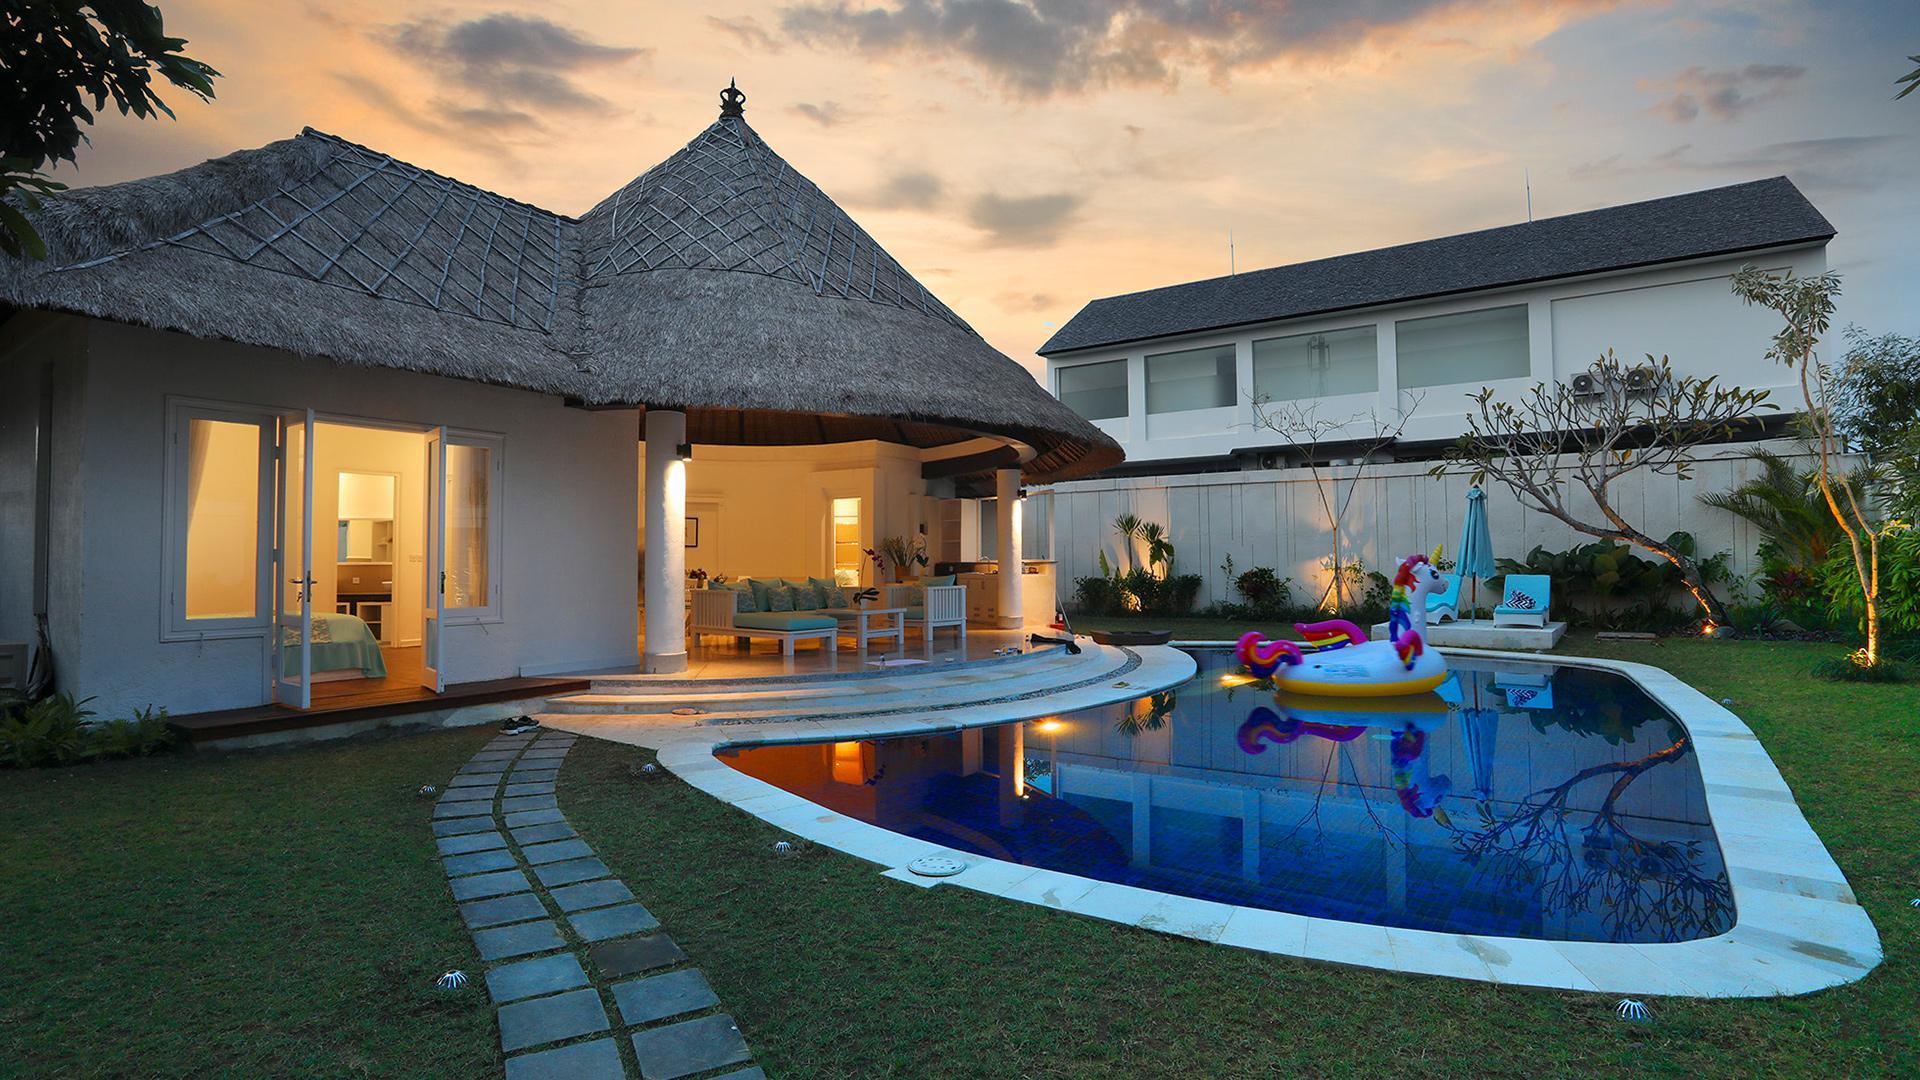 Three-Bedroom Pool Villa image 1 at Alam Boutique Resort by Kabupaten Badung, Bali, Indonesia